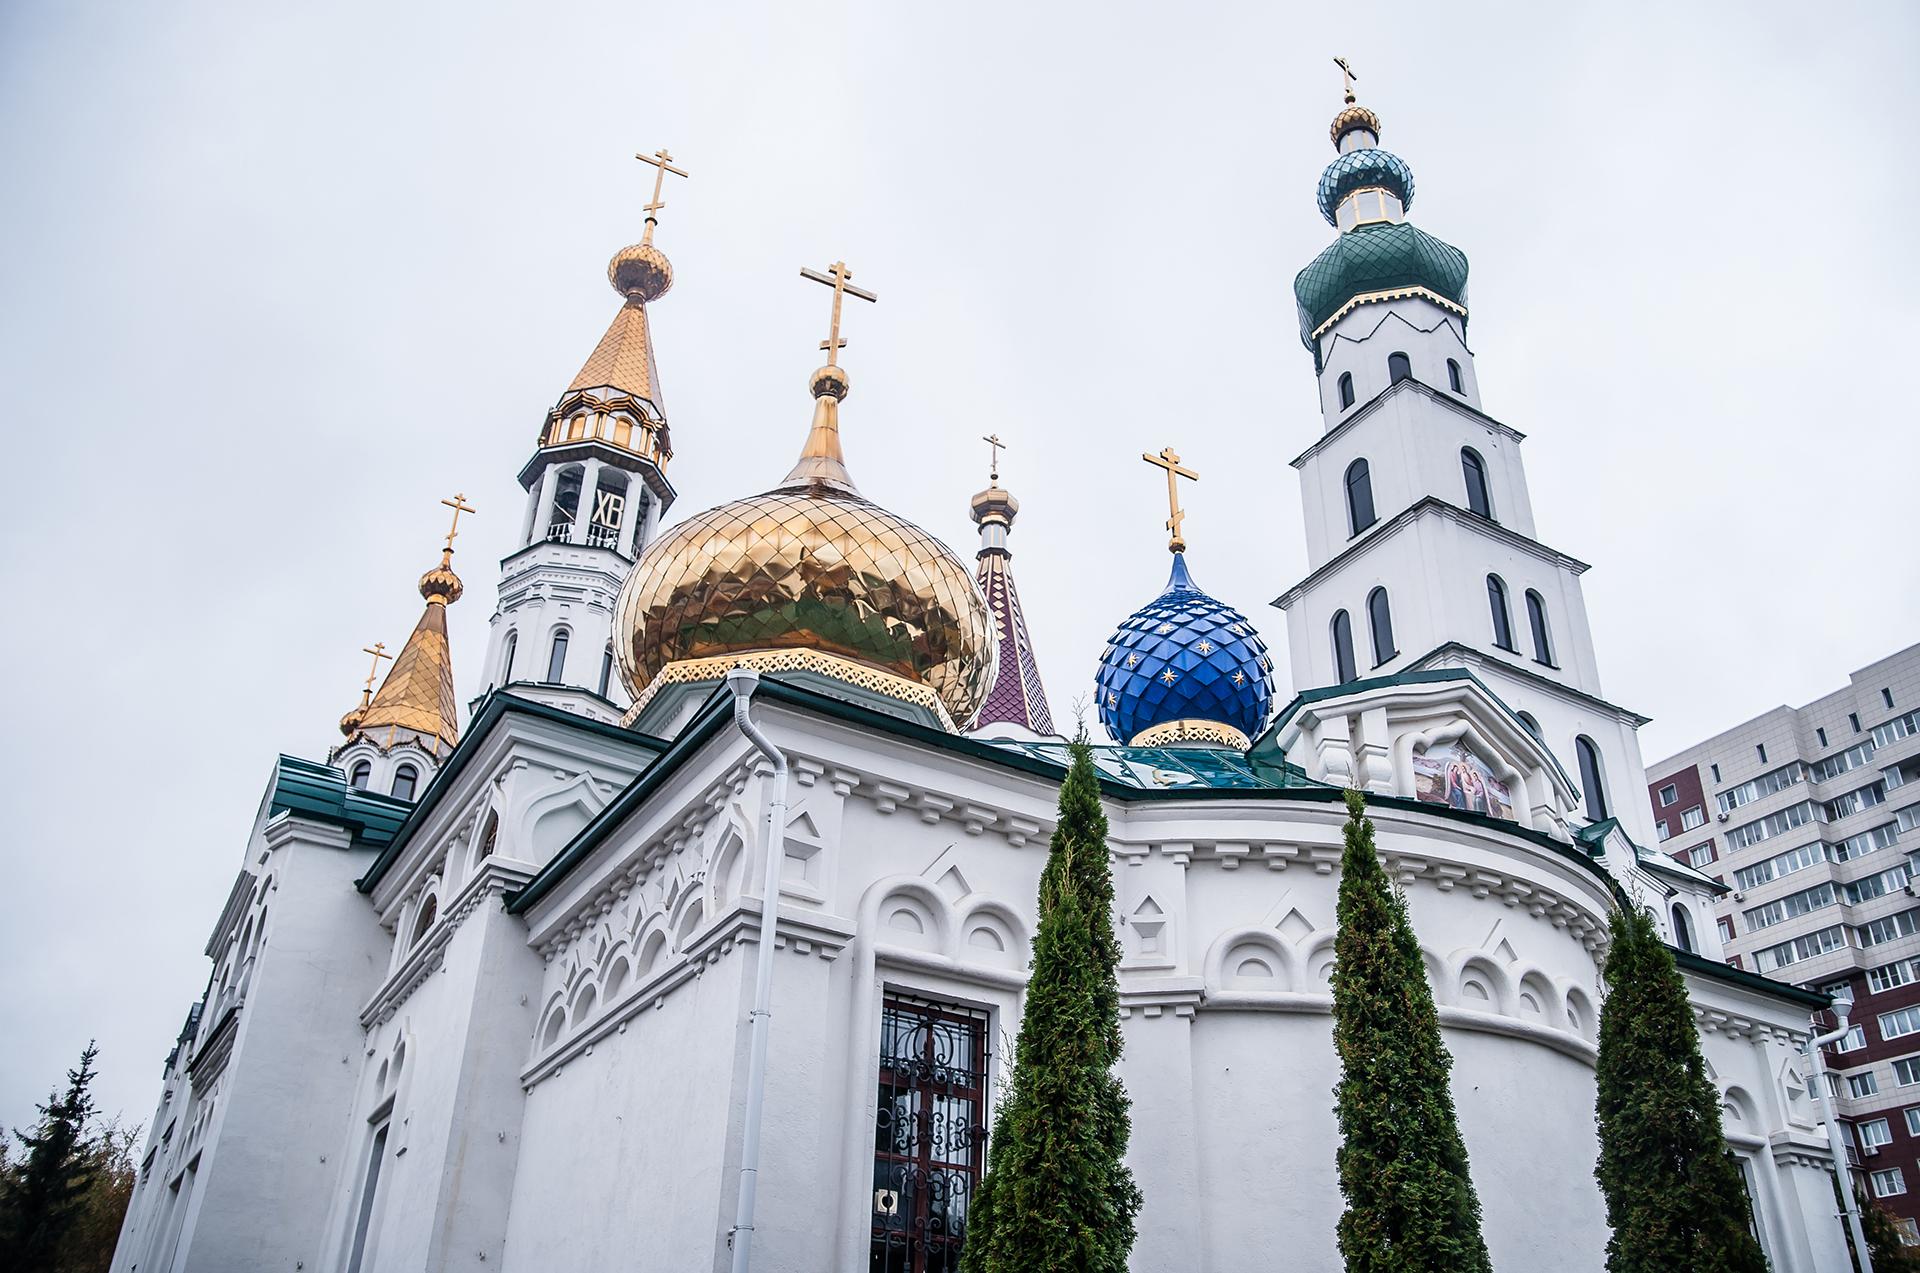 Пушкино, Храм Боголюбской Иконы Божьей Матери